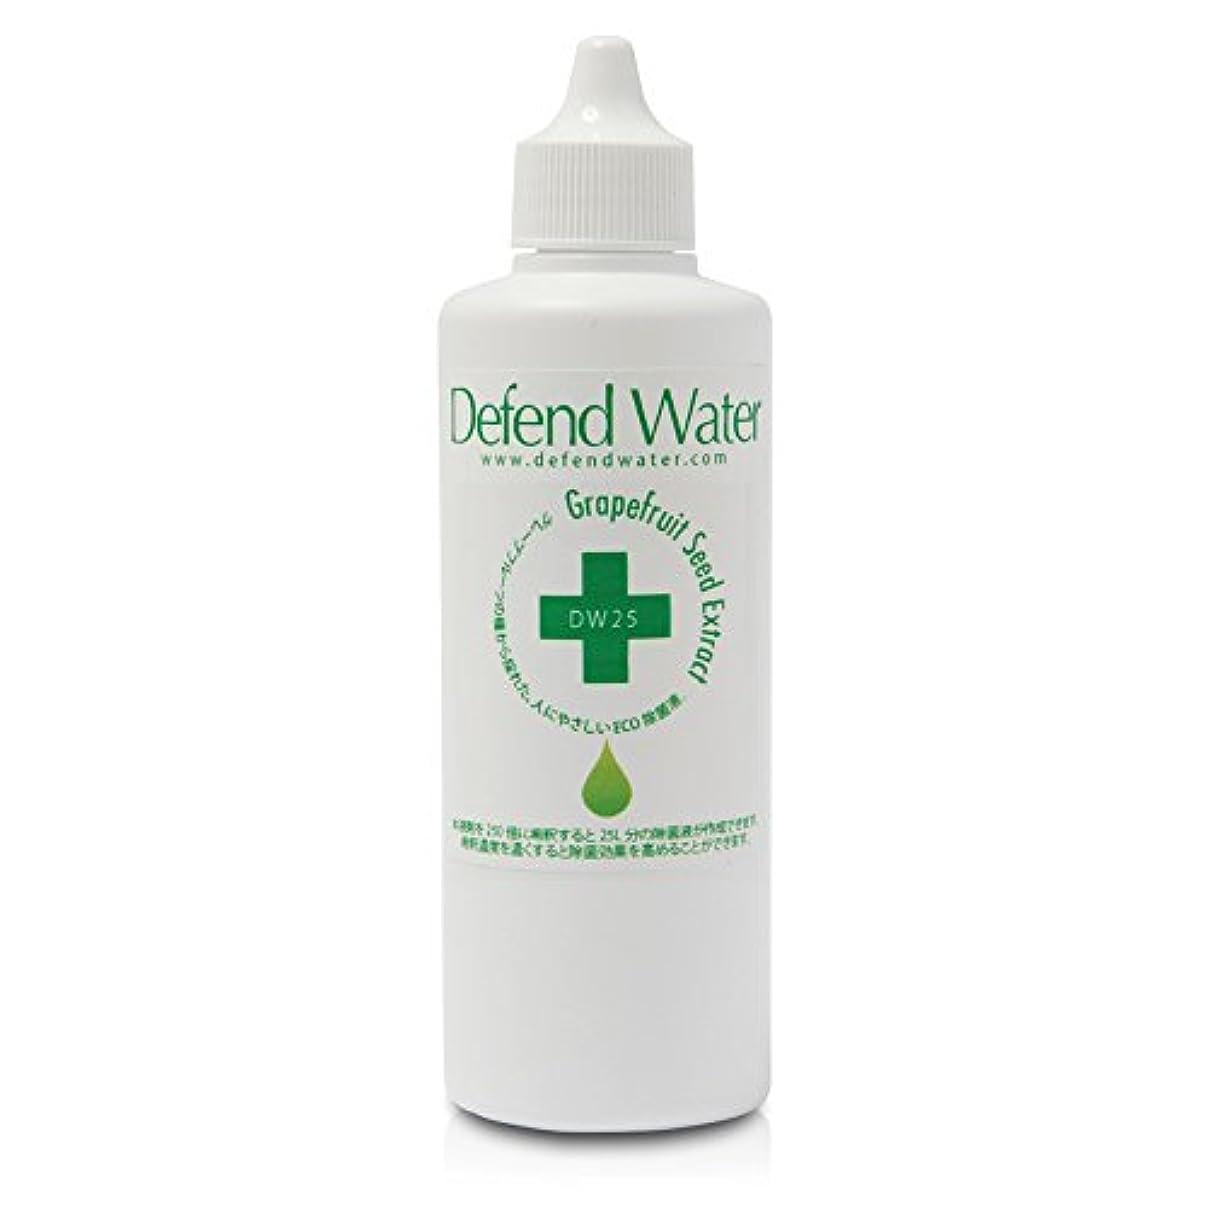 人便利さ書道アロマオイルと一緒に使う空間除菌液、天然エコ除菌液「ディフェンドウォーター」DW25